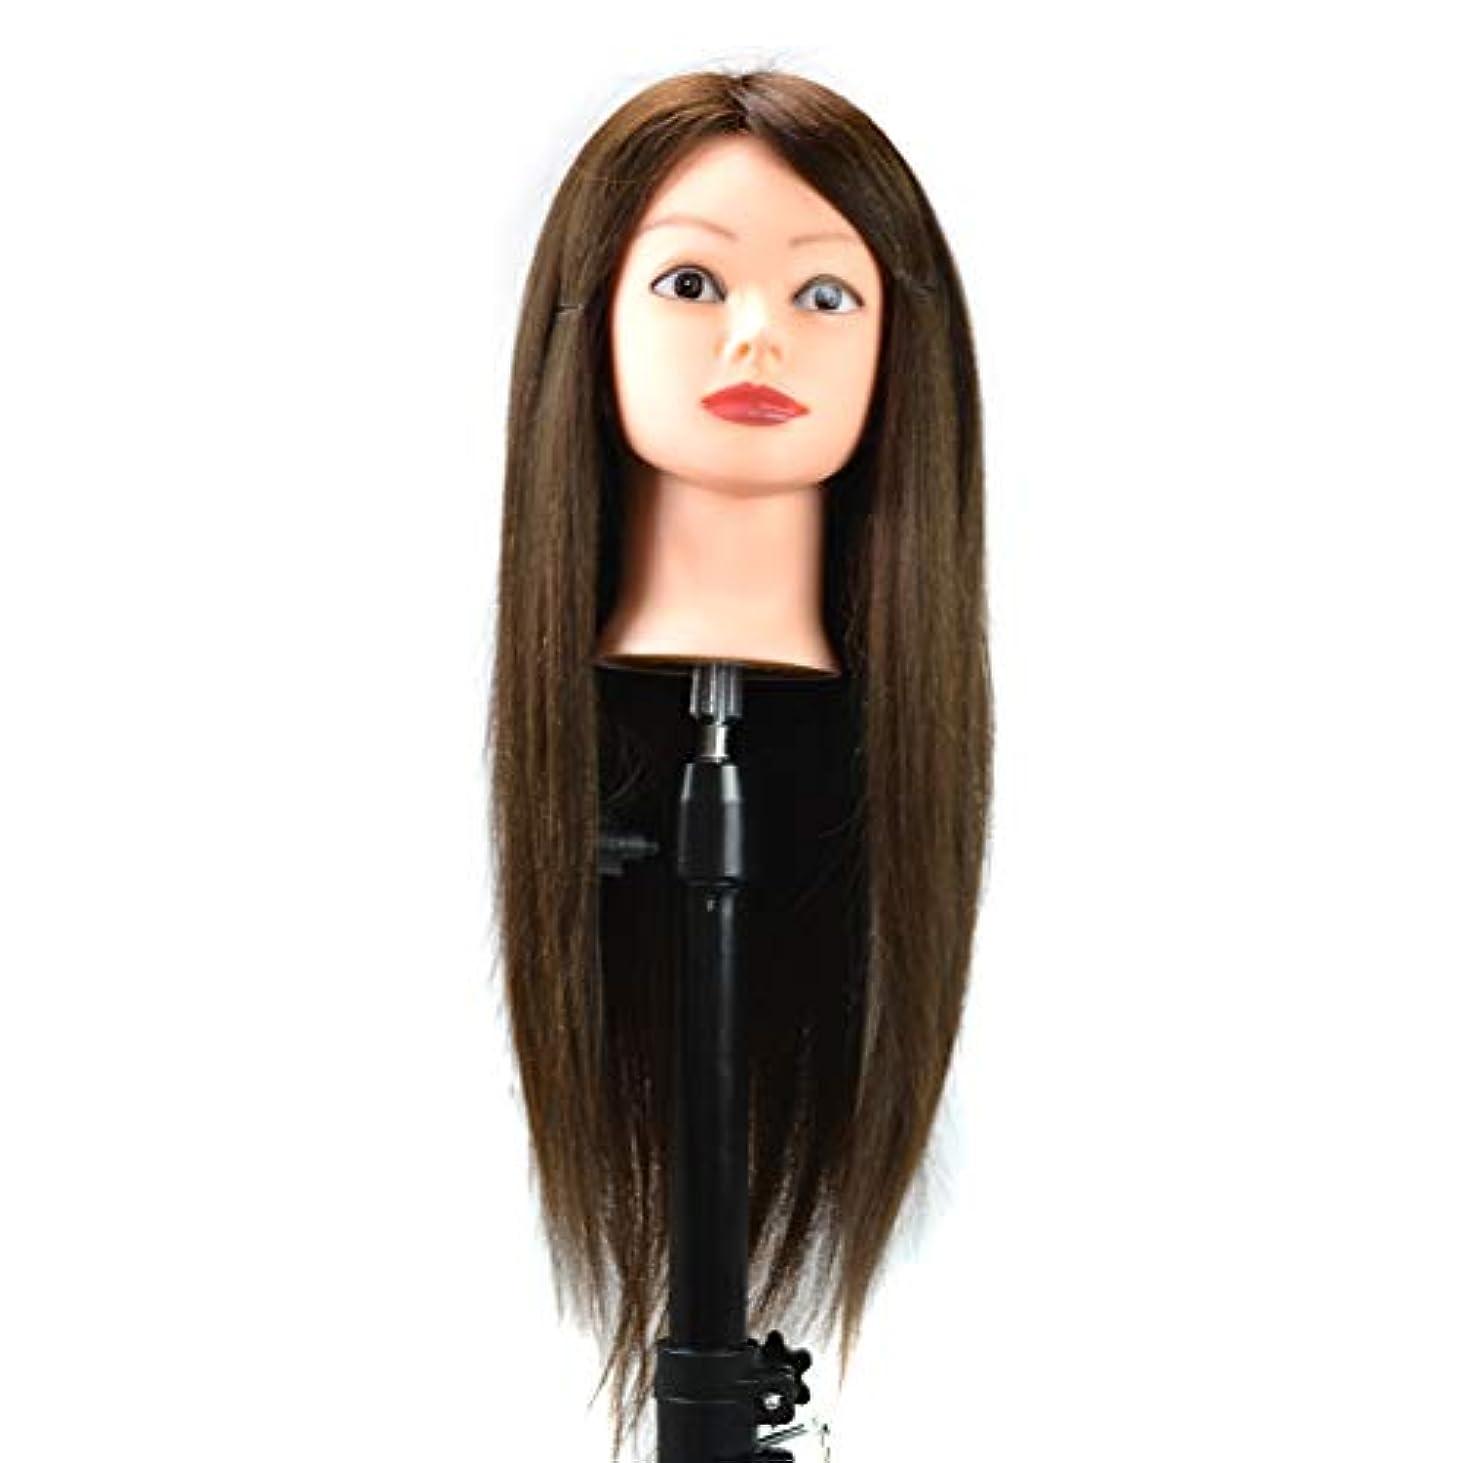 王室何よりもデコードするスタイリング編組ダミーヘッドトレーニングヘッドディスクヘアーメイクアップウィッグマネキンヘッドにすることができますヘアカール人間の髪の練習ヘッドモールド